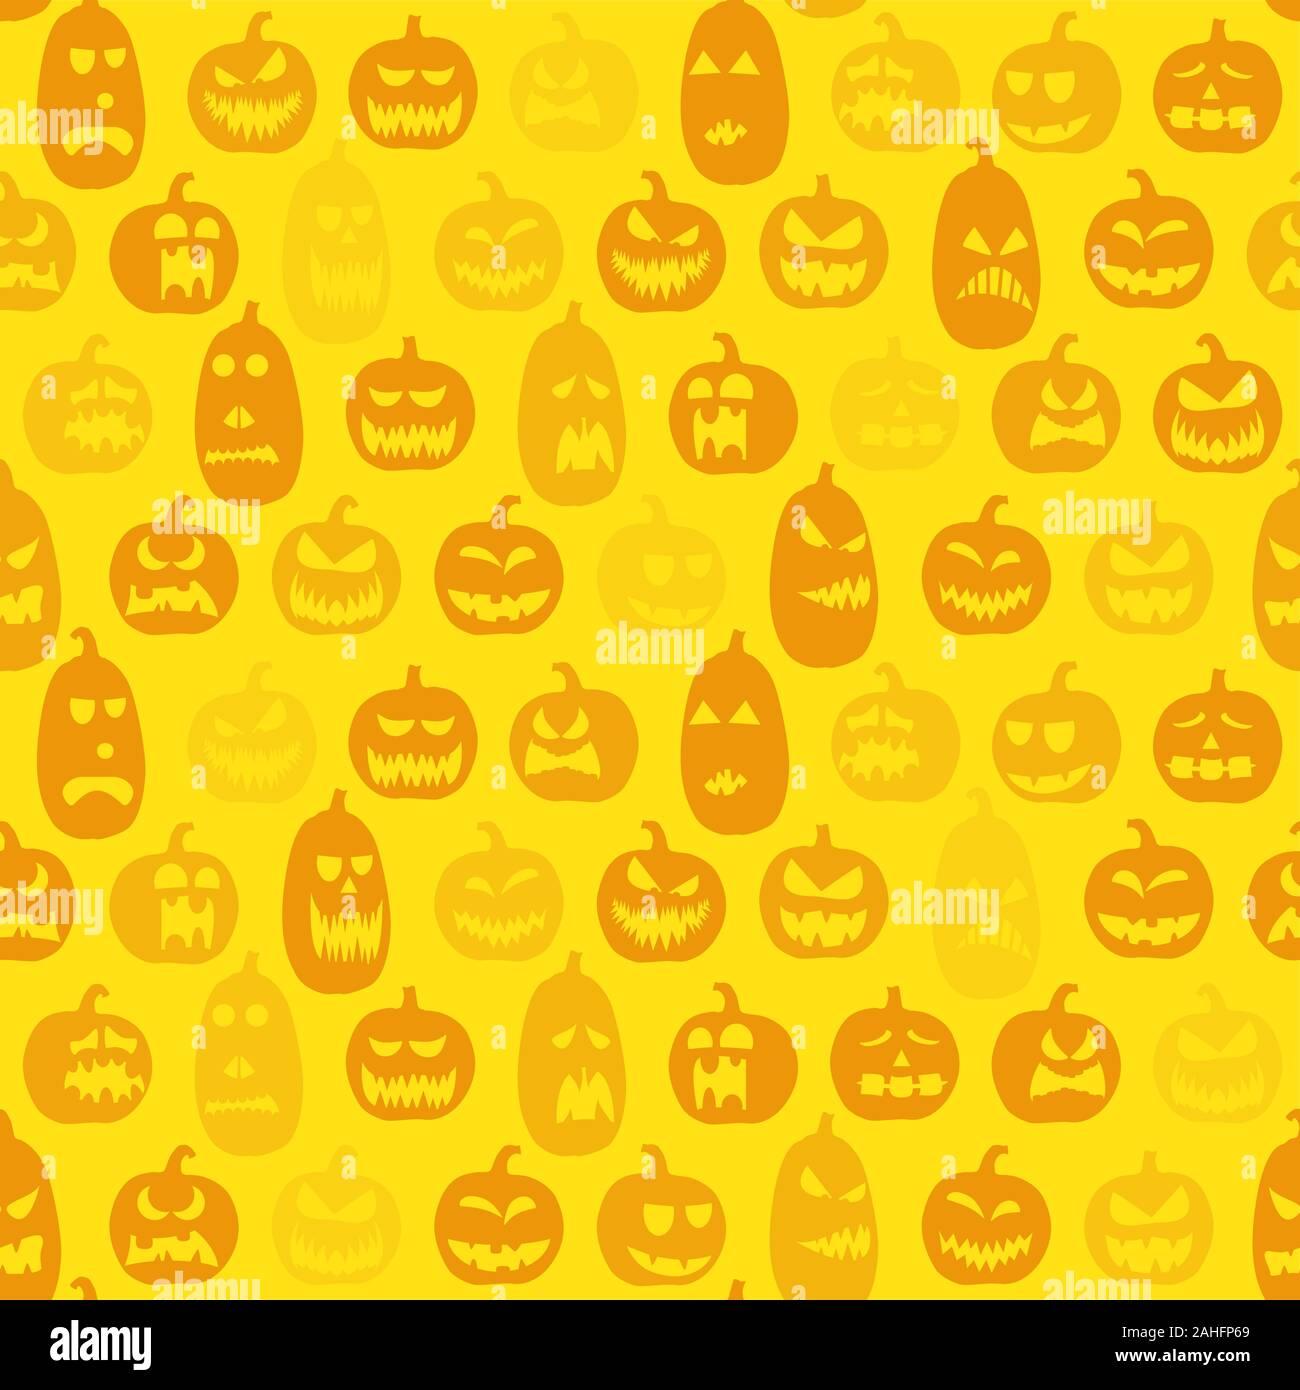 Scarry fondo perfecta con diferentes diseños de calabazas para halloween Ilustración del Vector